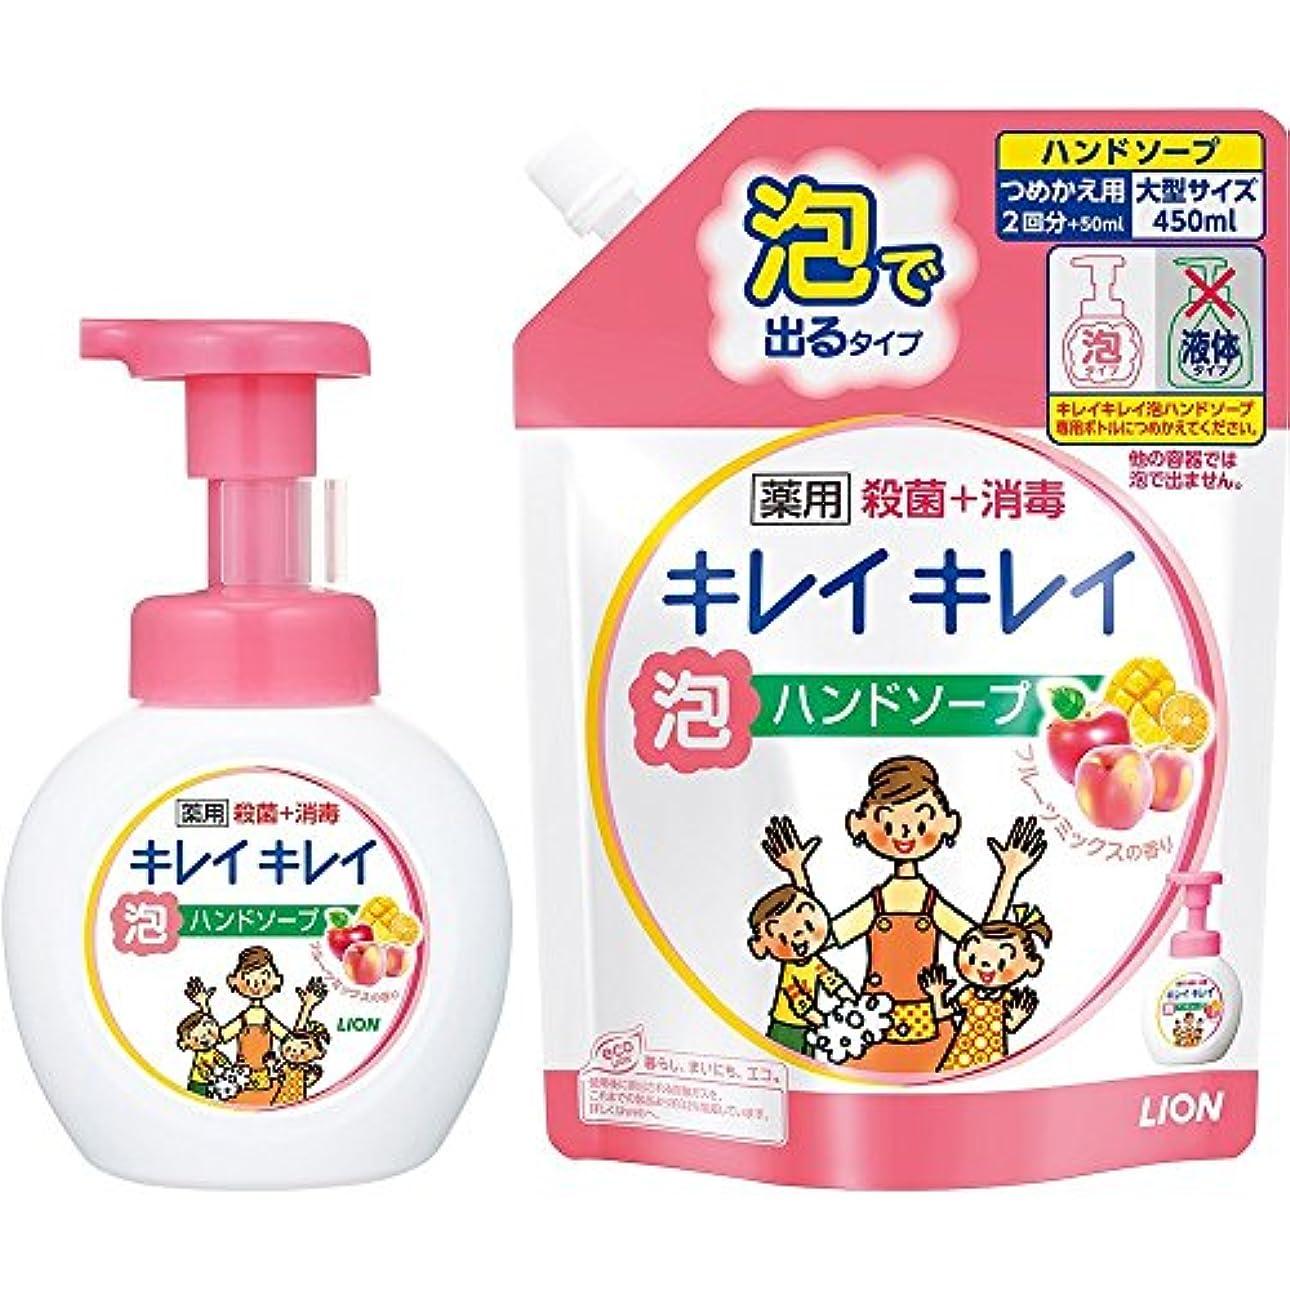 キレイキレイ 薬用 泡ハンドソープ フルーツミックスの香り 本体ポンプ250ml+詰め替え450ml(医薬部外品)